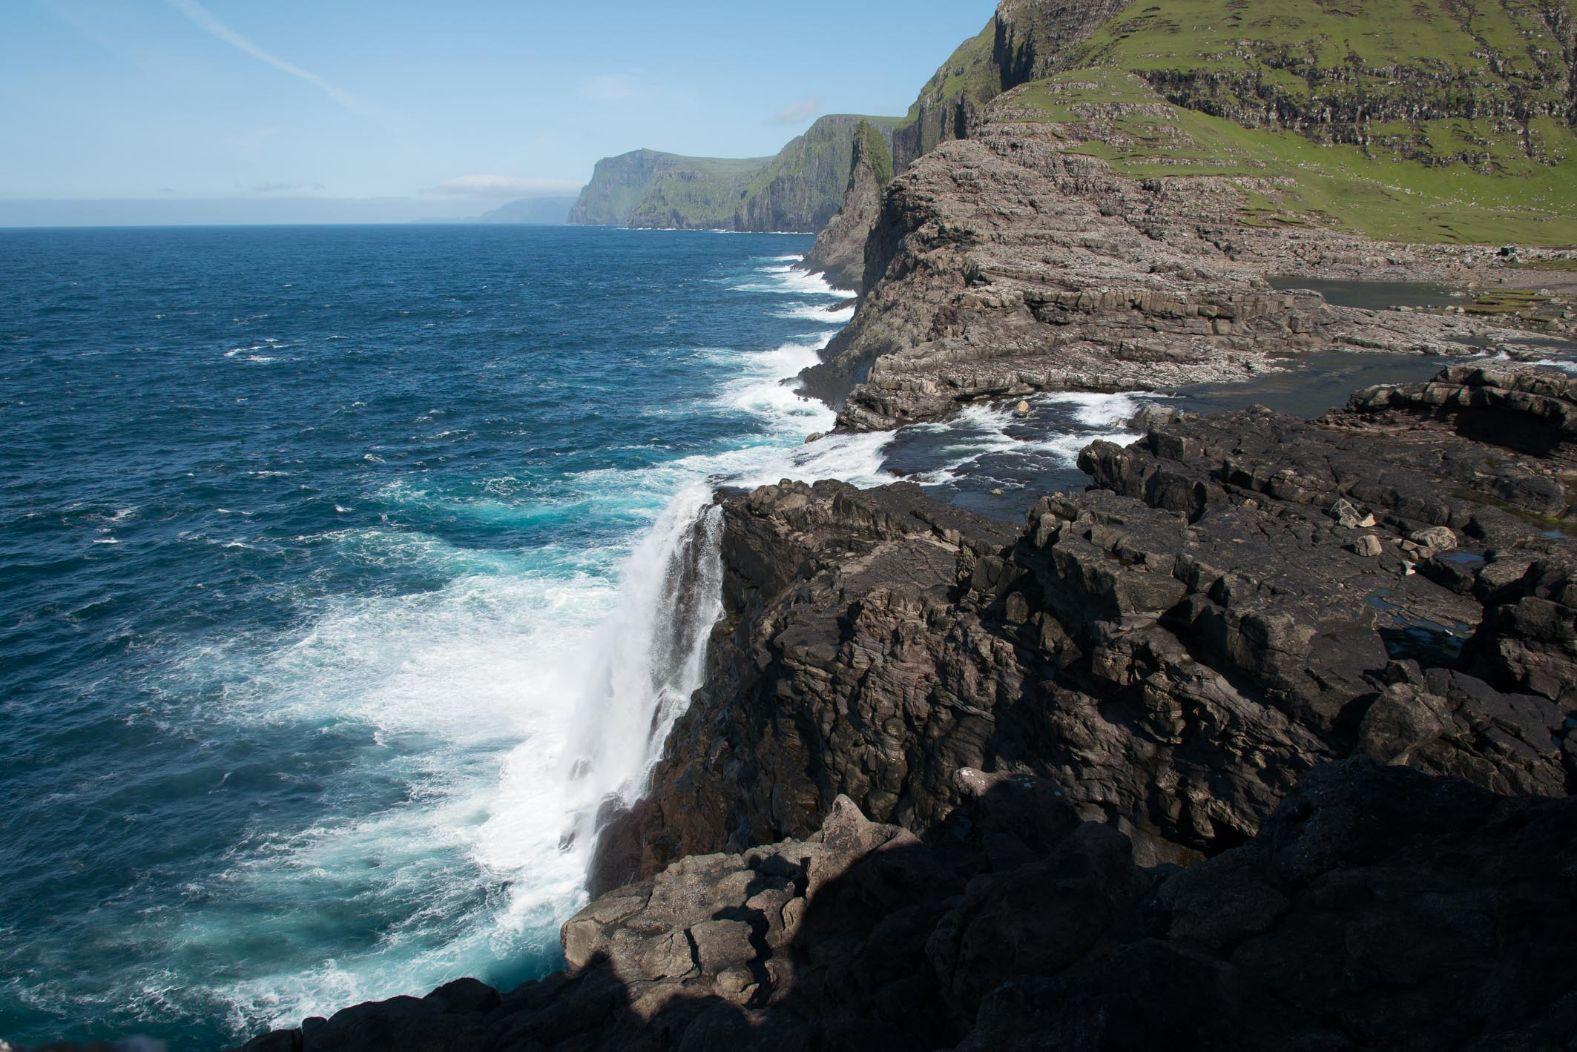 Vodopád Bosdalafossur padá přímo do Atlantiku